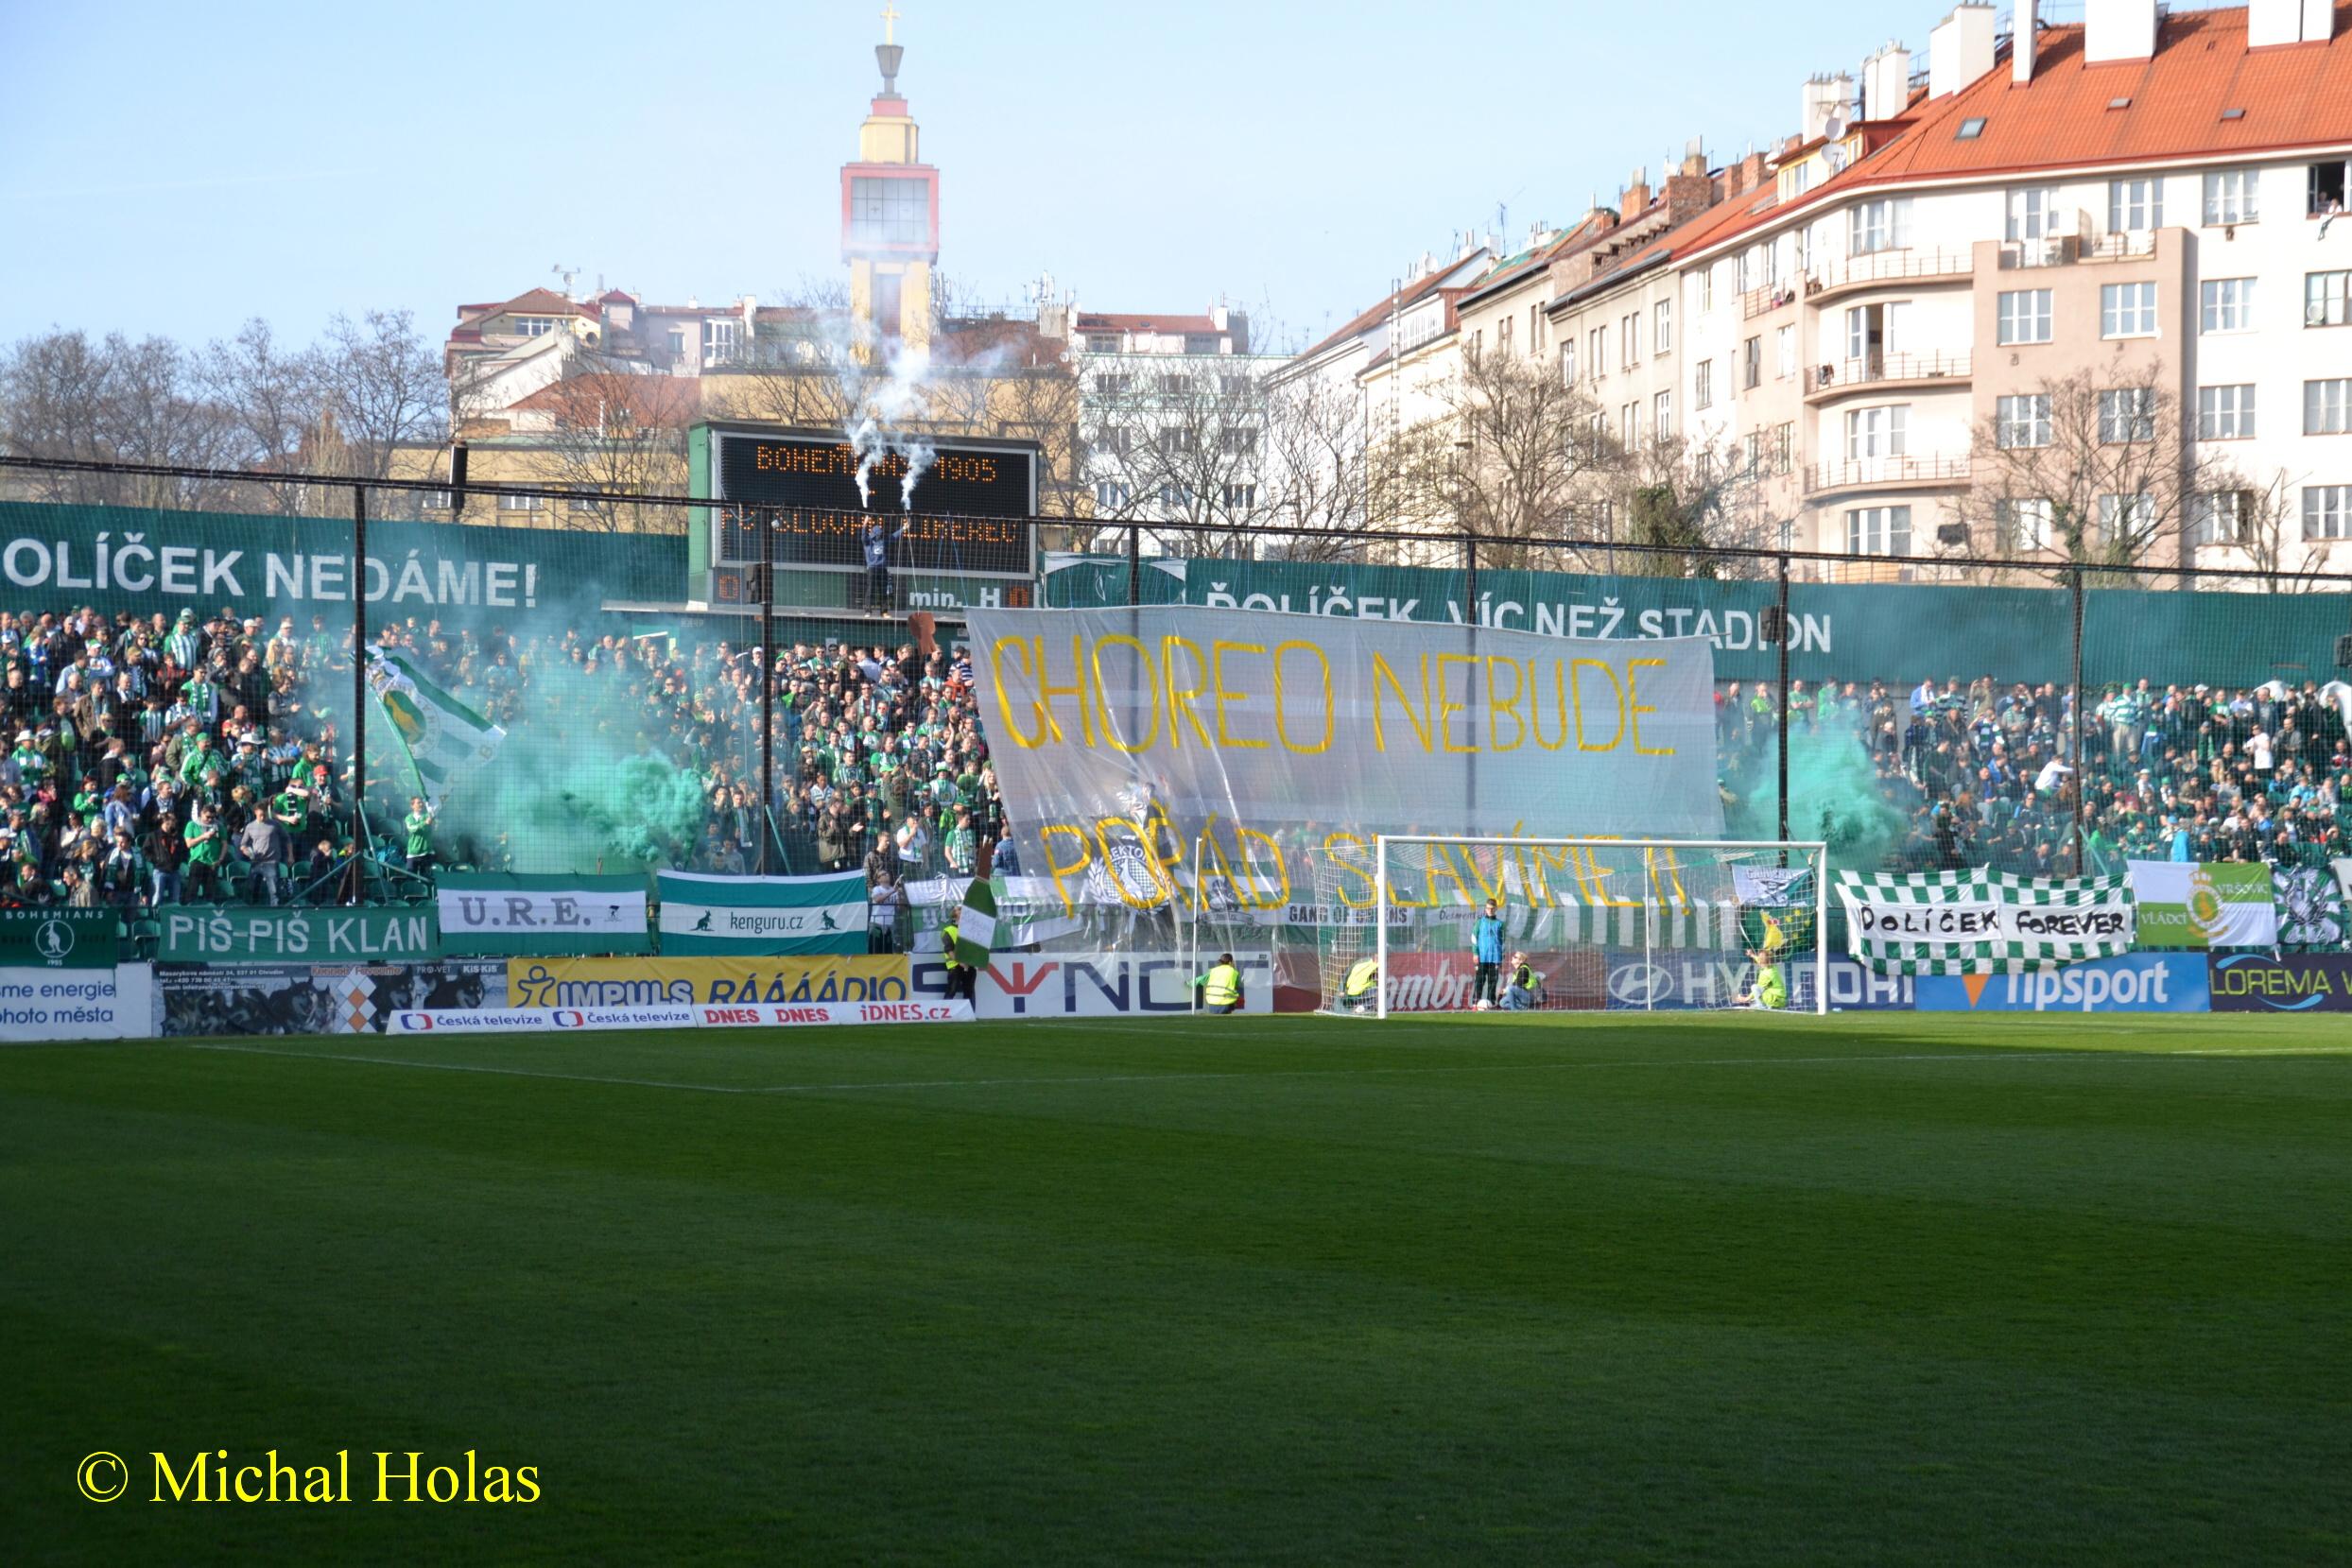 Bohemians Praha 1905 – FC Slovan Liberec 0:1